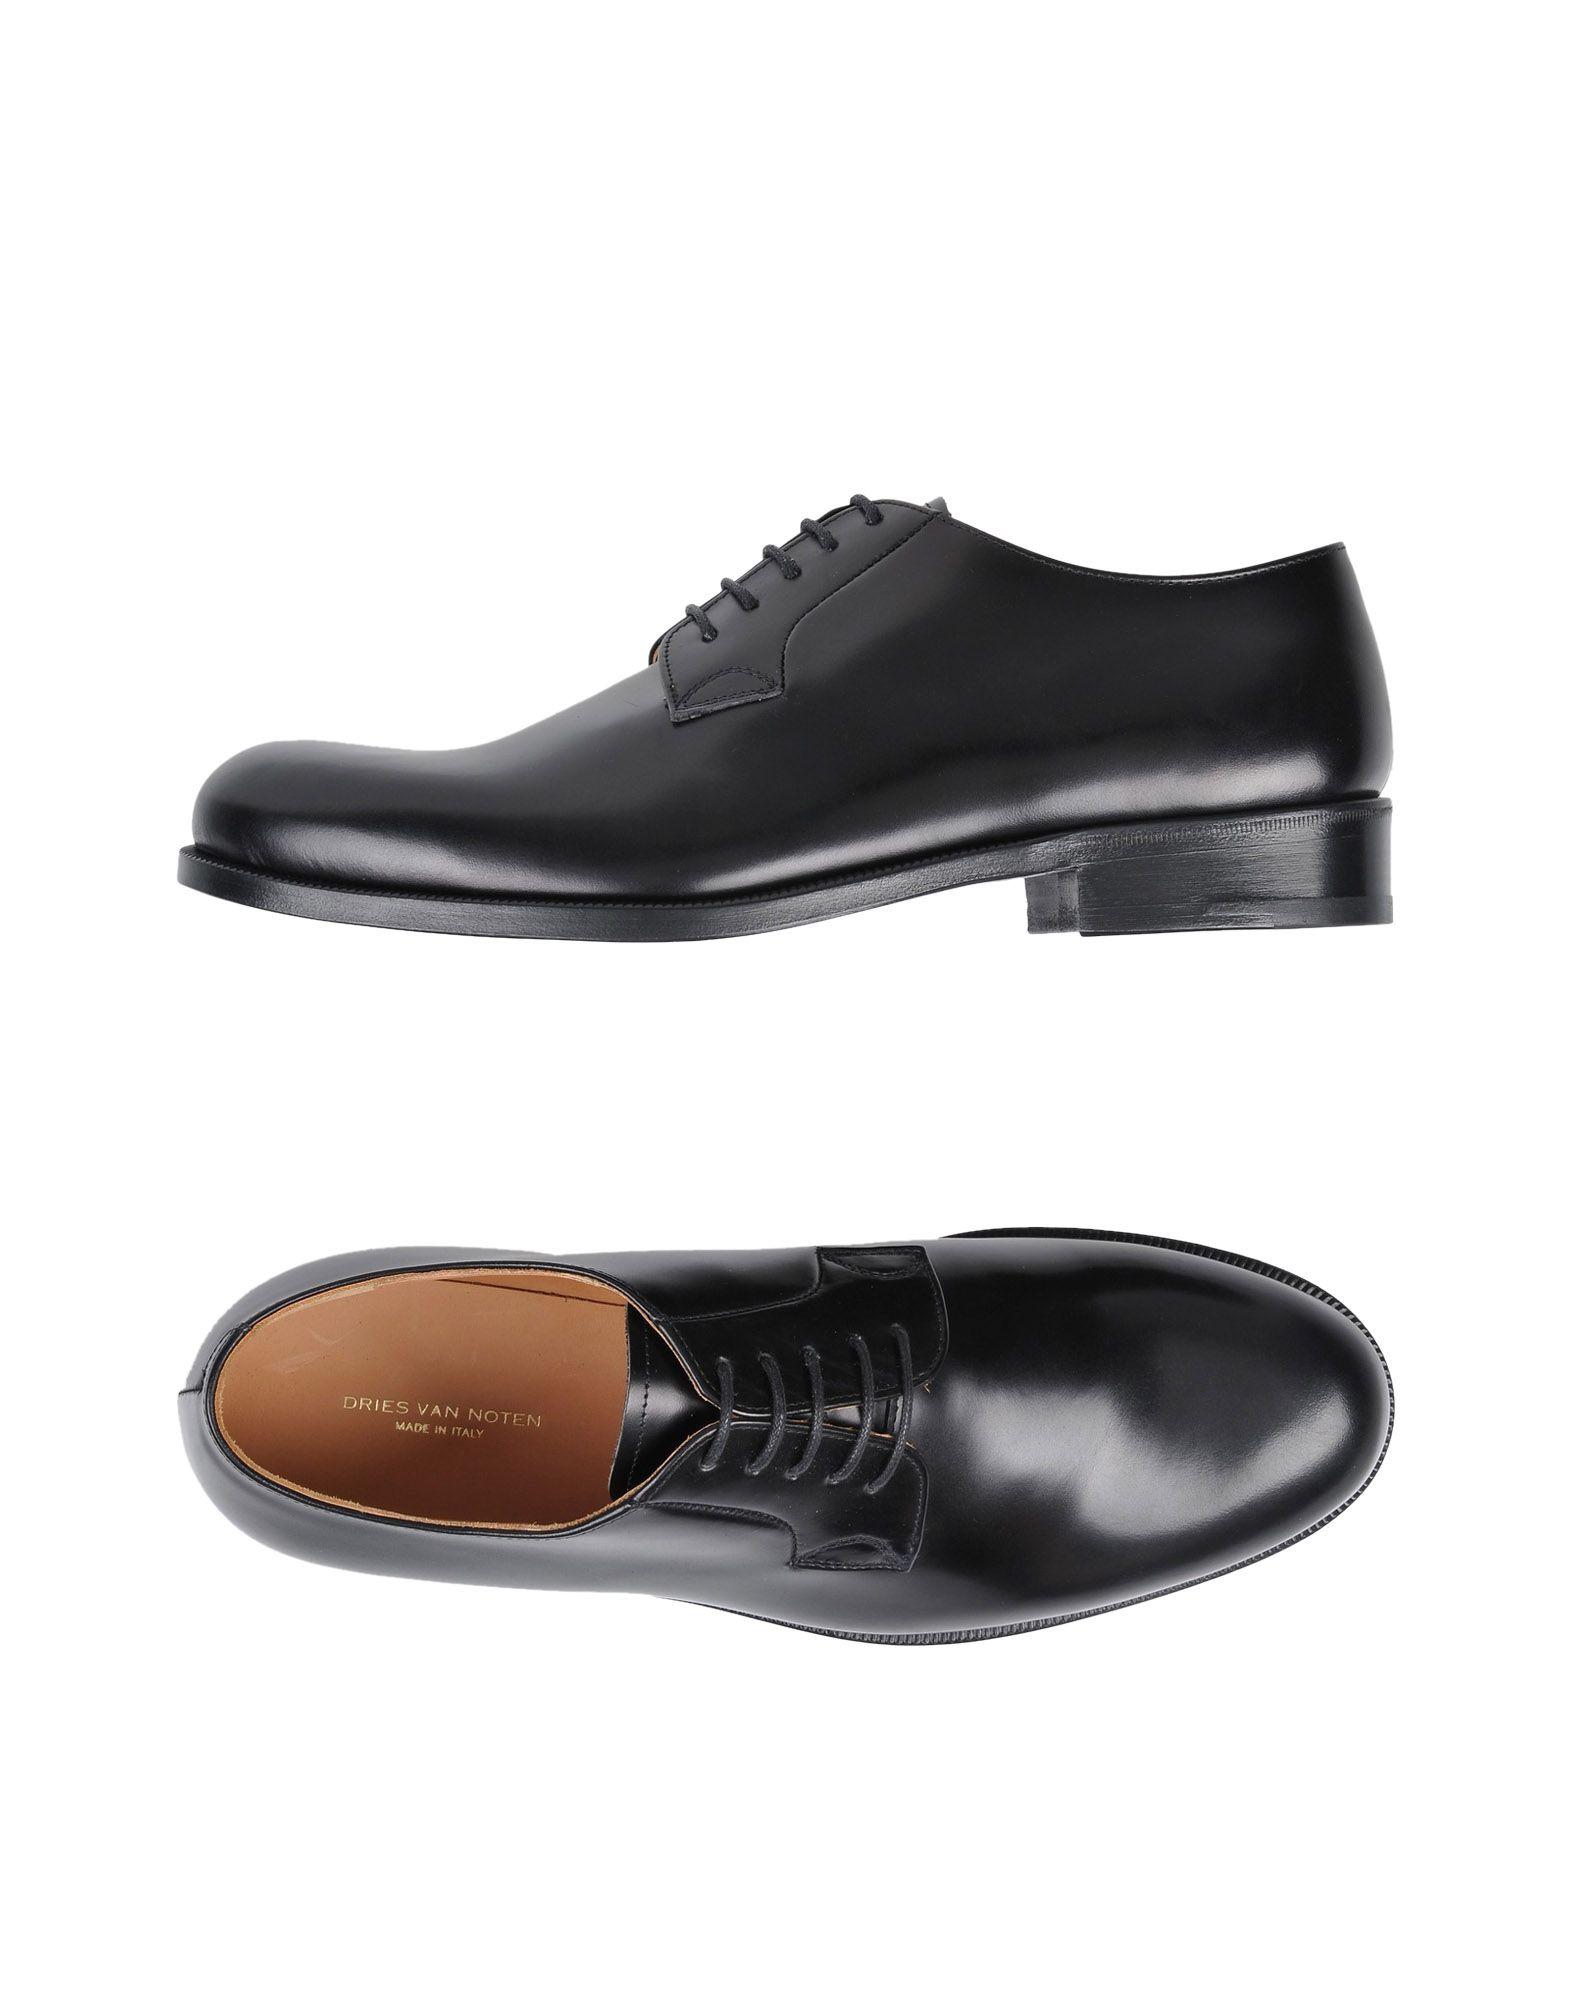 Dries Van Noten Schnürschuhe Herren  11500183BK Gute Qualität beliebte Schuhe